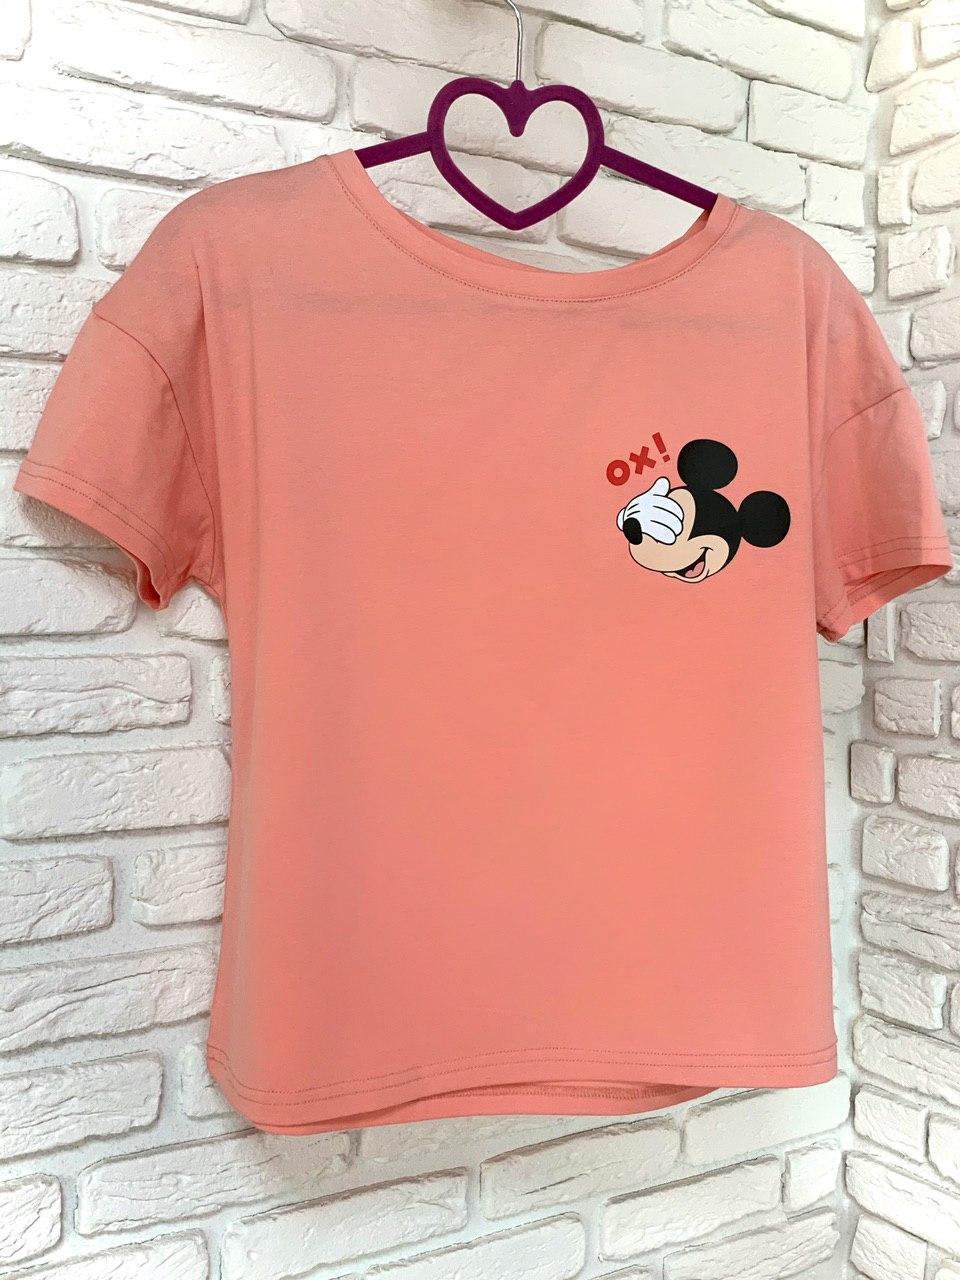 Жіноча футболка бавовна рожева з принтом Mickey Mouse міккі маус Ox SKL59-259667